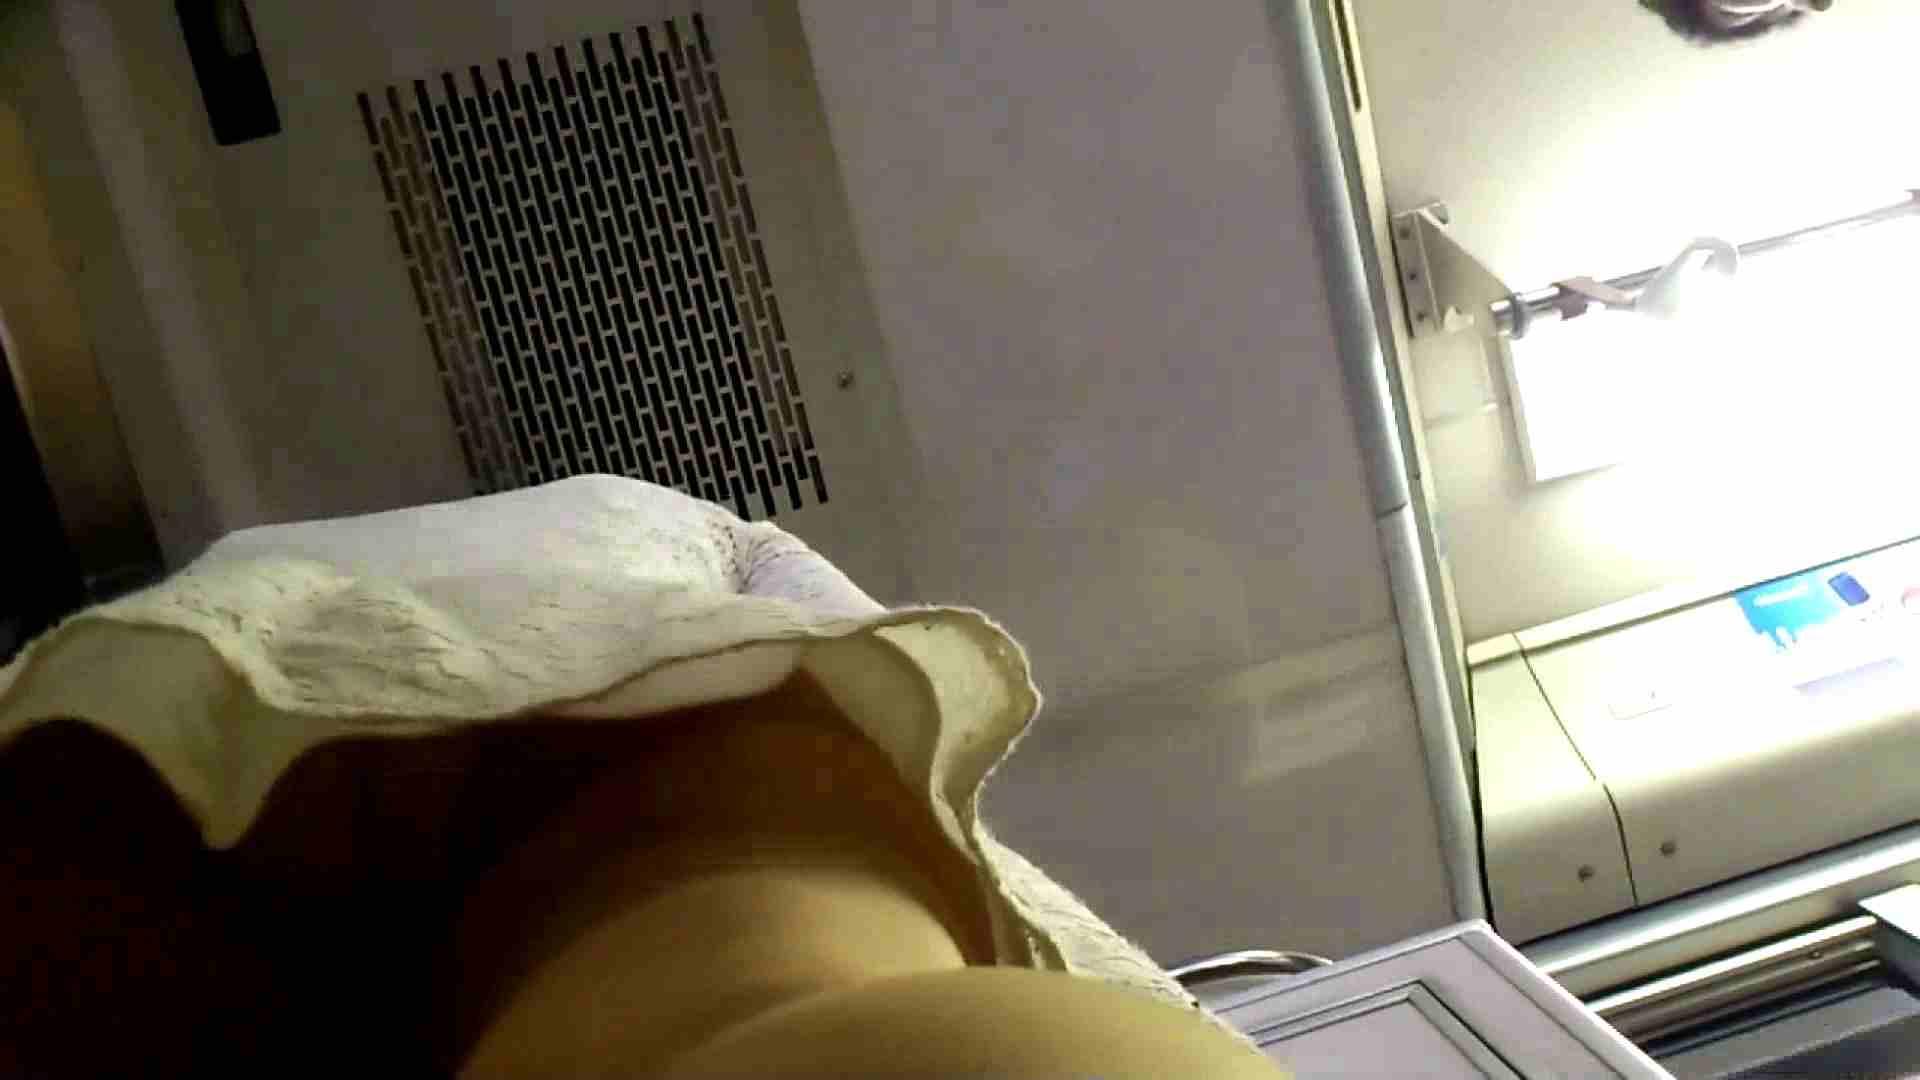 盗撮列車 vol.02 NINJAさんの粘着撮り 盗撮で悶絶 AV動画キャプチャ 73画像 54